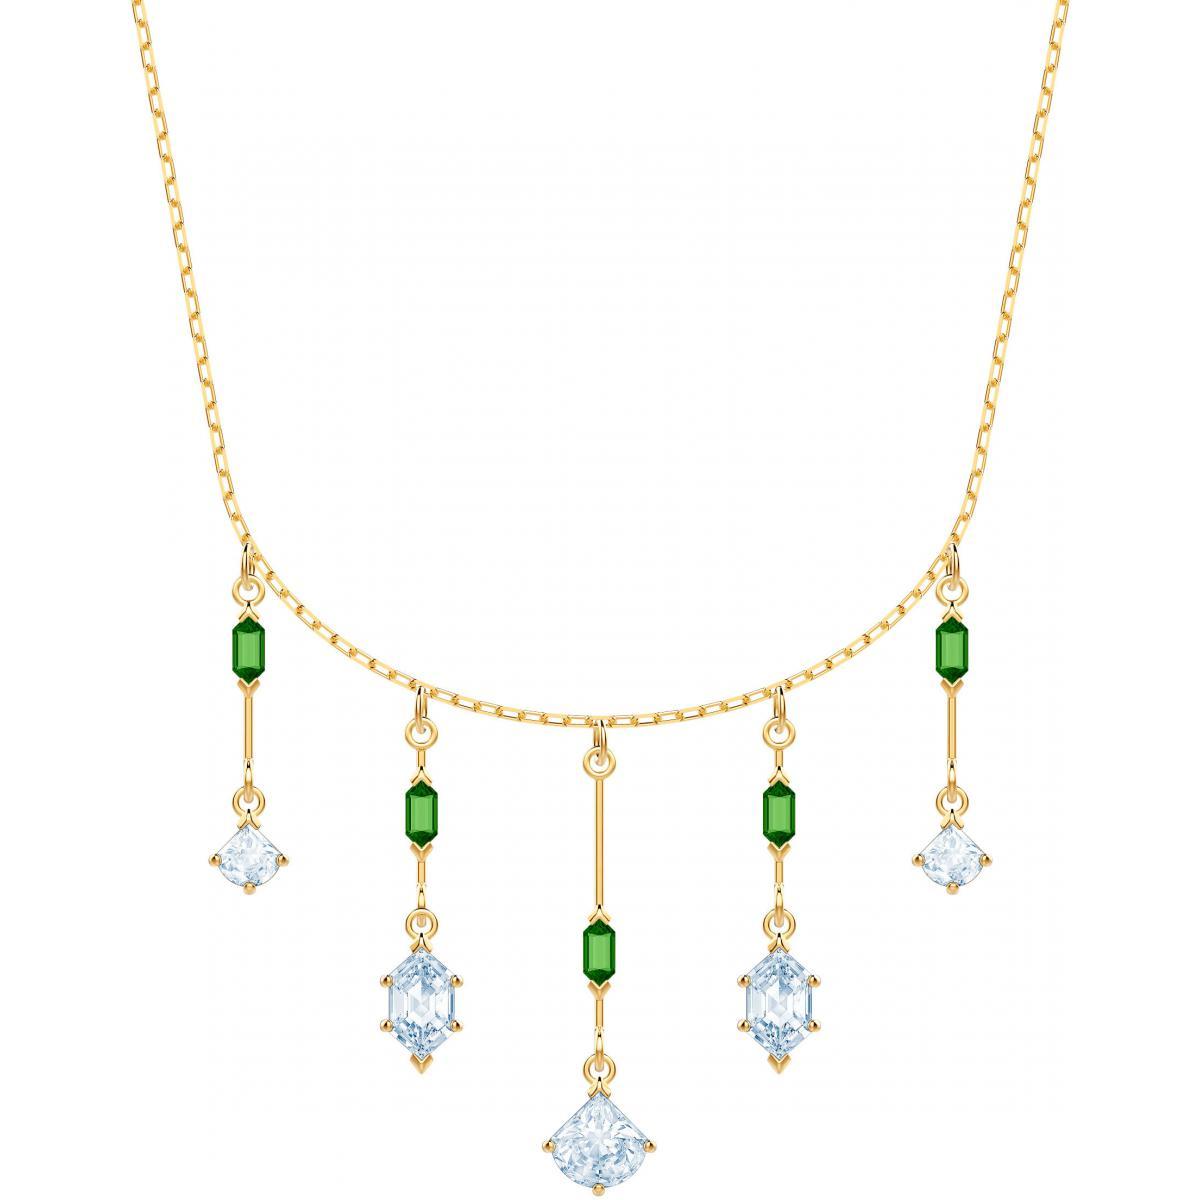 Collier et pendentif Swarovski 5455519 - Collier et pendentif Pendants  Cristaux Blancs et Verts Femme